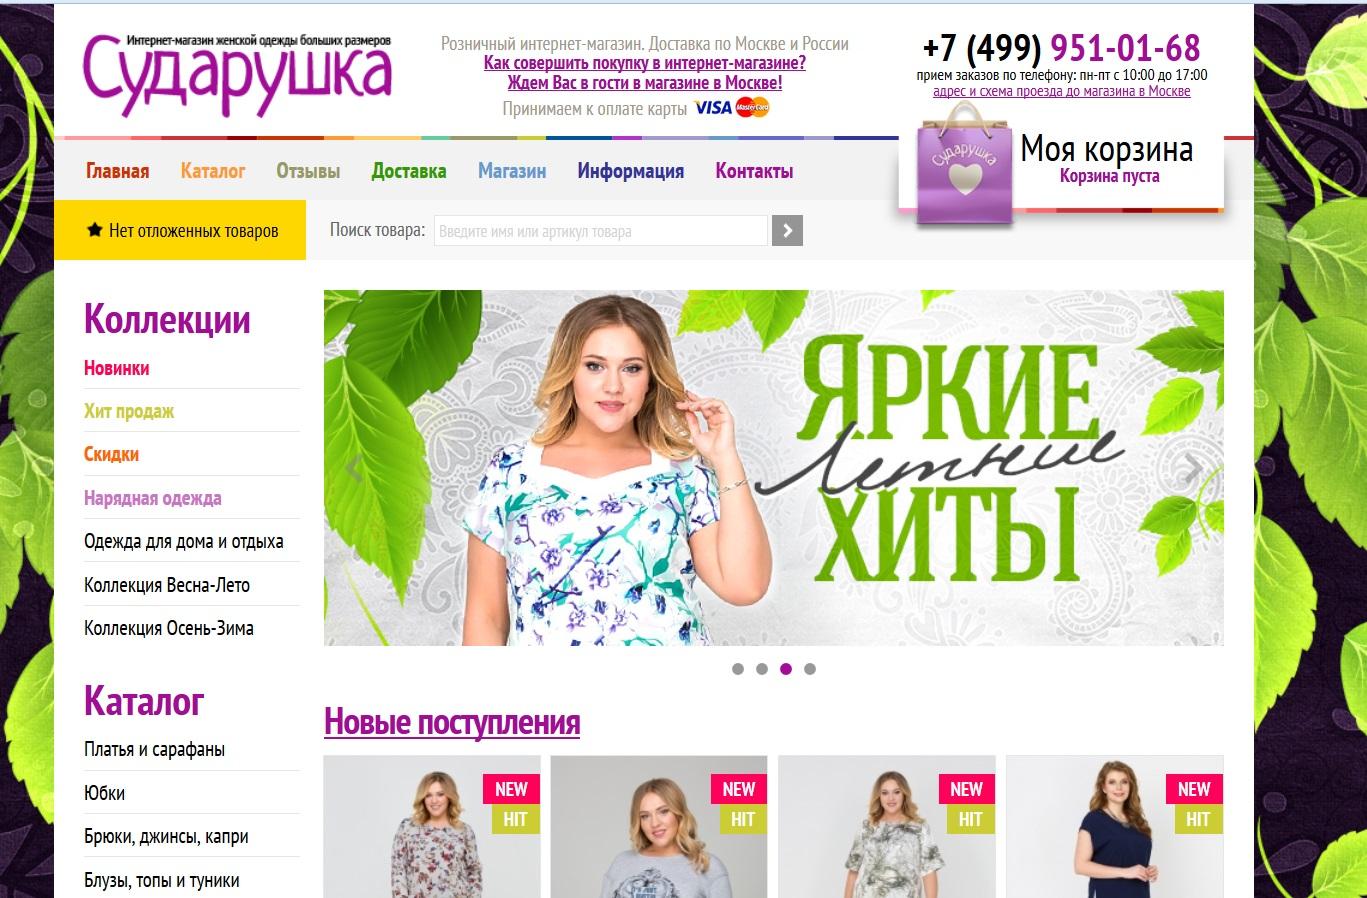 2605b6348 Женский магазин Сударушка – это не только официальный интернет сайт, но и  оффлайн филиал в Москве. Размерный ряд 48-72. В каталог входят повседневные  фасоны ...